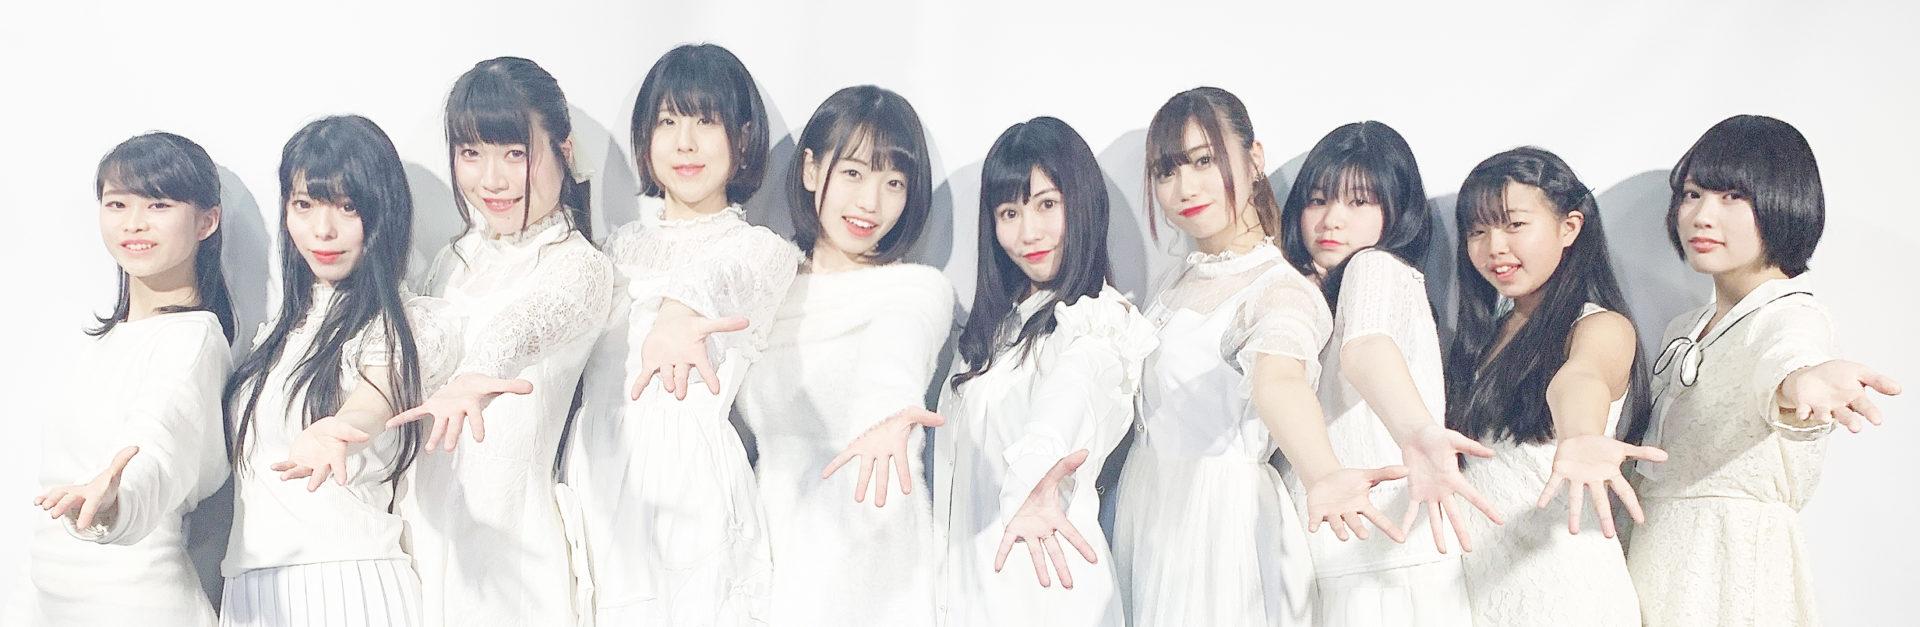 名古屋は大須のアイドルBSJ、マジックパウダー撮影5